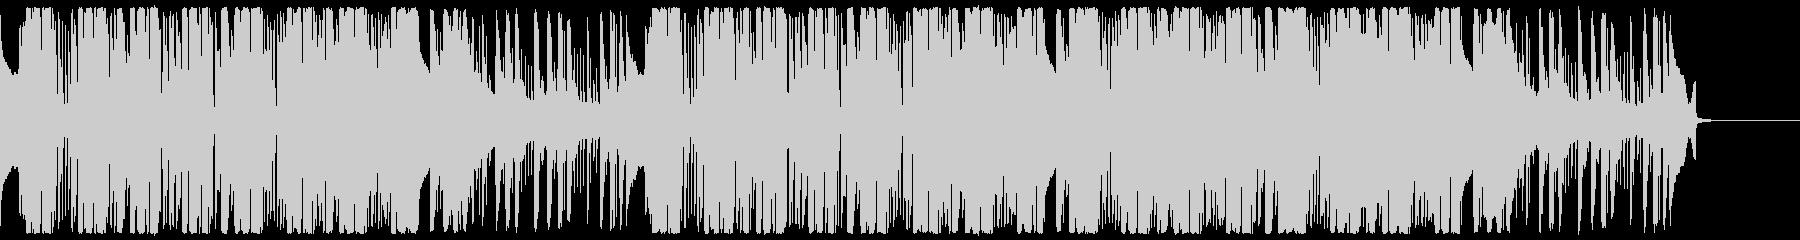 カラフルでモダンなアーバンエレクトロの未再生の波形